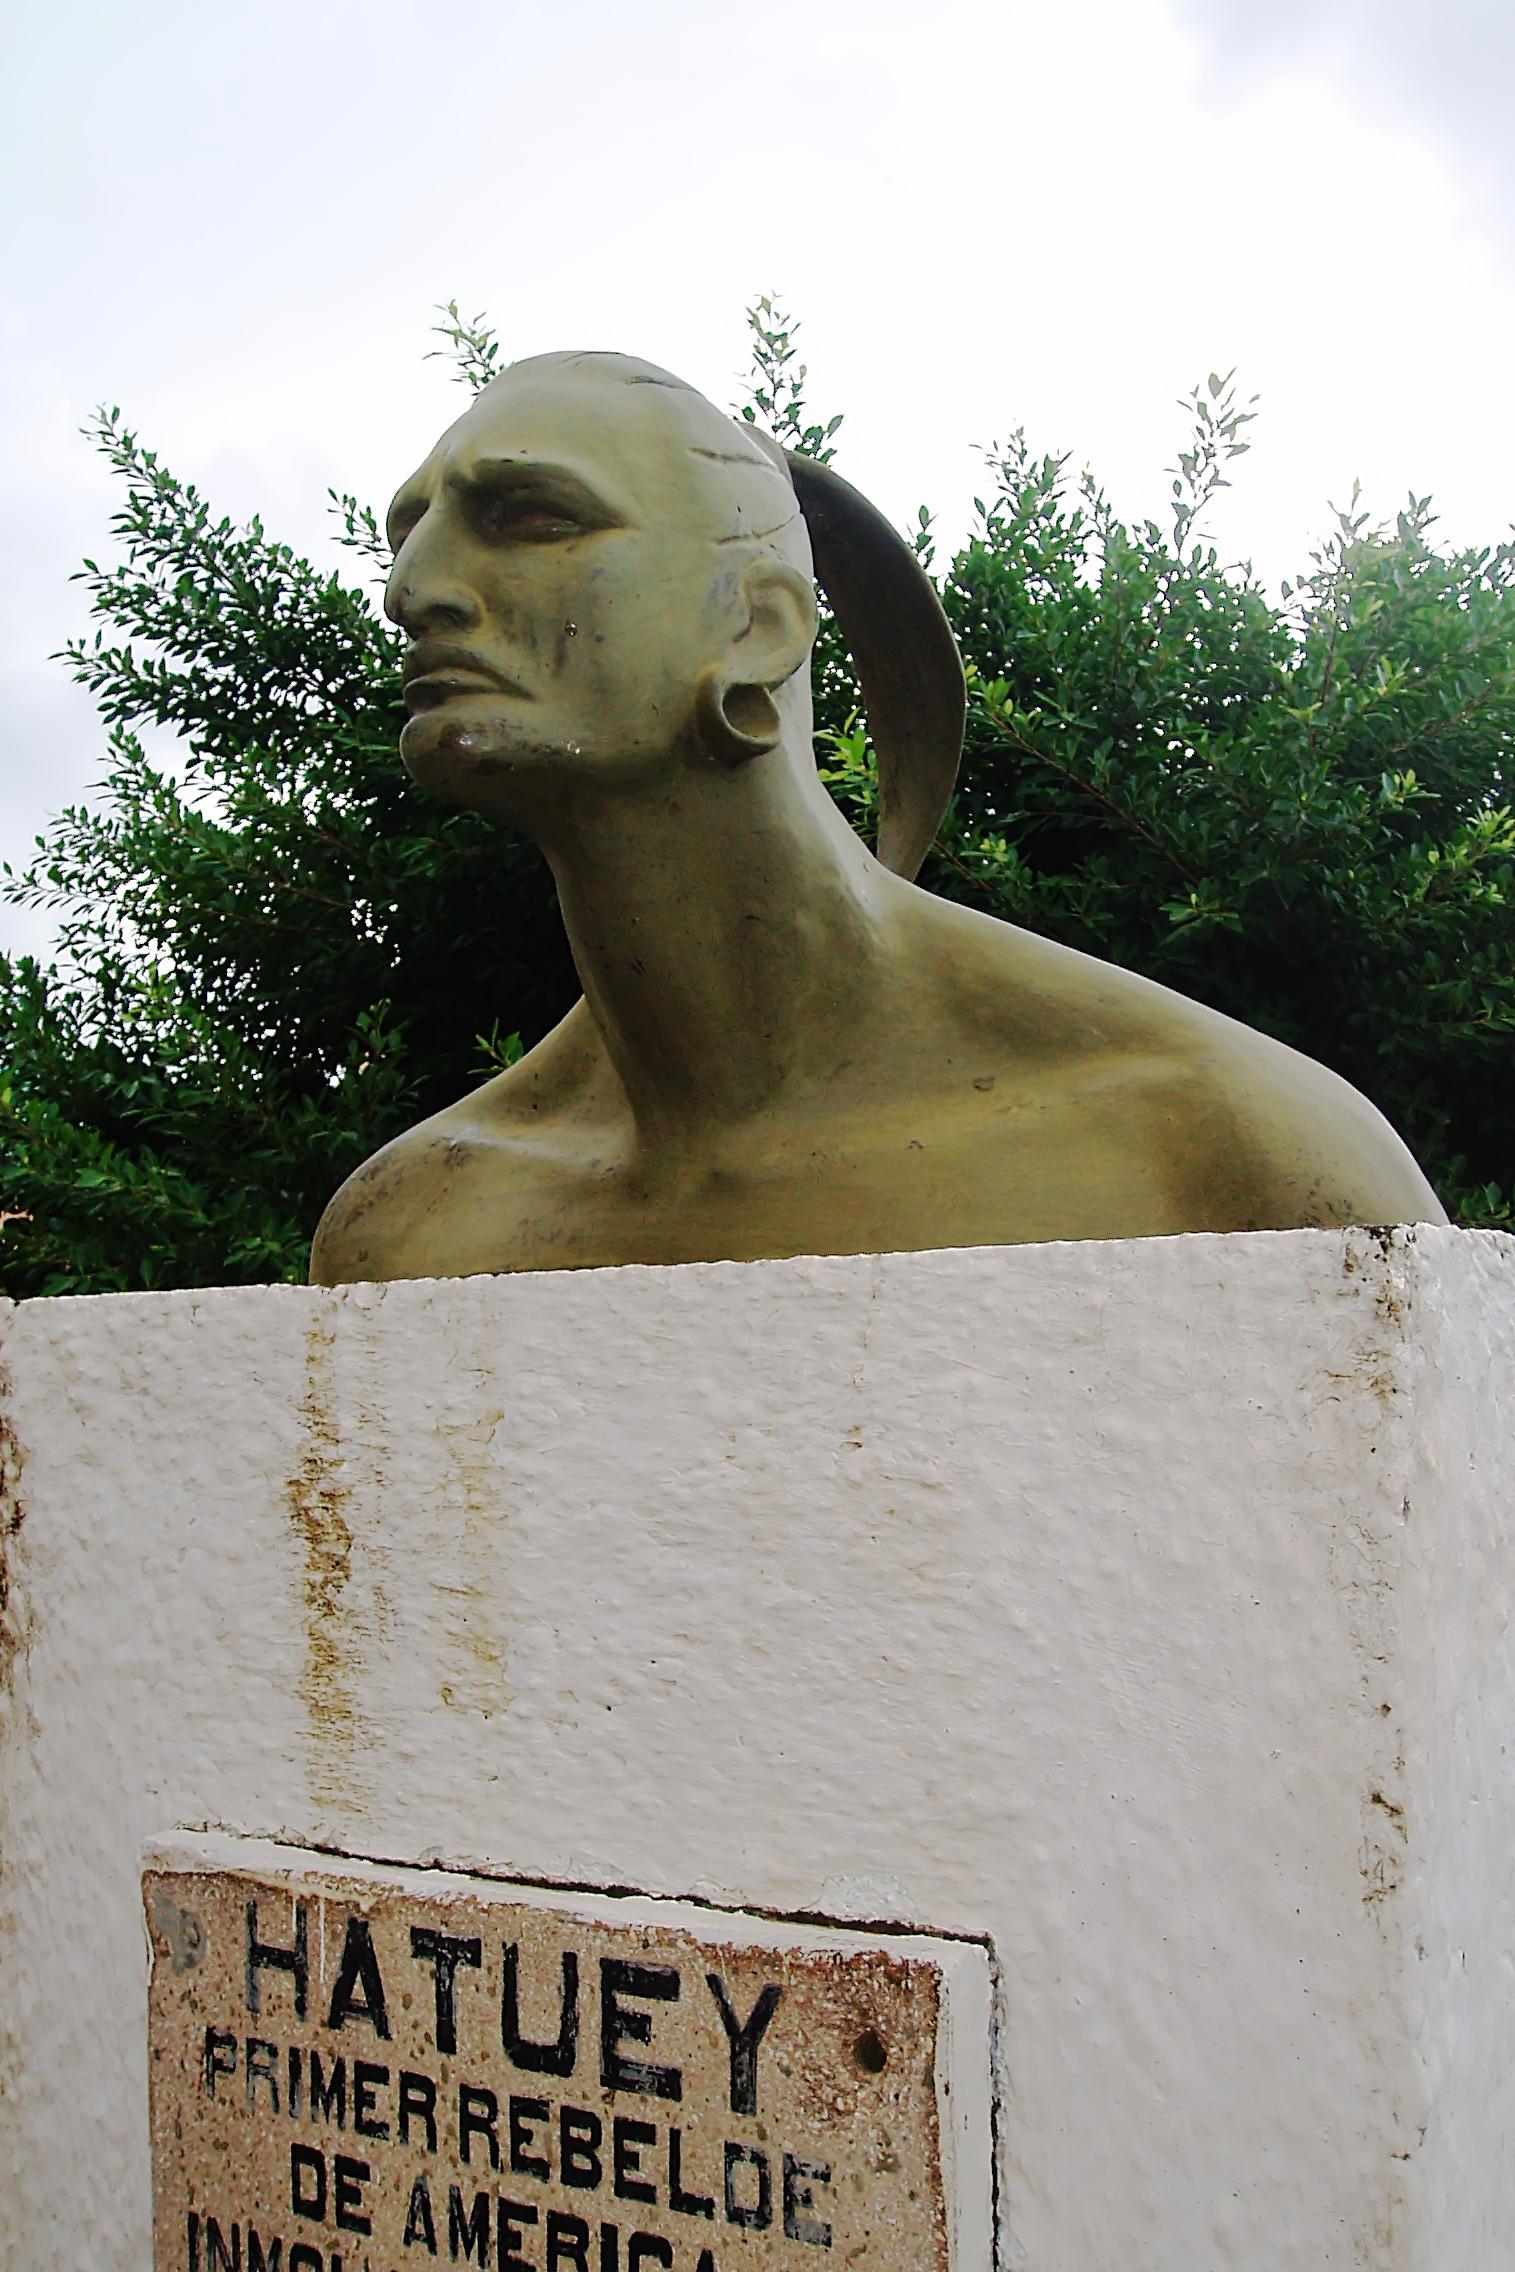 在教皇亚历山大六世的命令下,西班牙要征服、殖民,并使新大陆的土著居民皈依天主教。当地人被奴役到西班牙农场工作,或被谋杀,或死于疾病。这张照片显示的是一个纪念碑Taínos酋长Hatuey在今天的古巴。Hatuey和其他Taínos酋长在1512年被西班牙人俘虏并活活烧死。